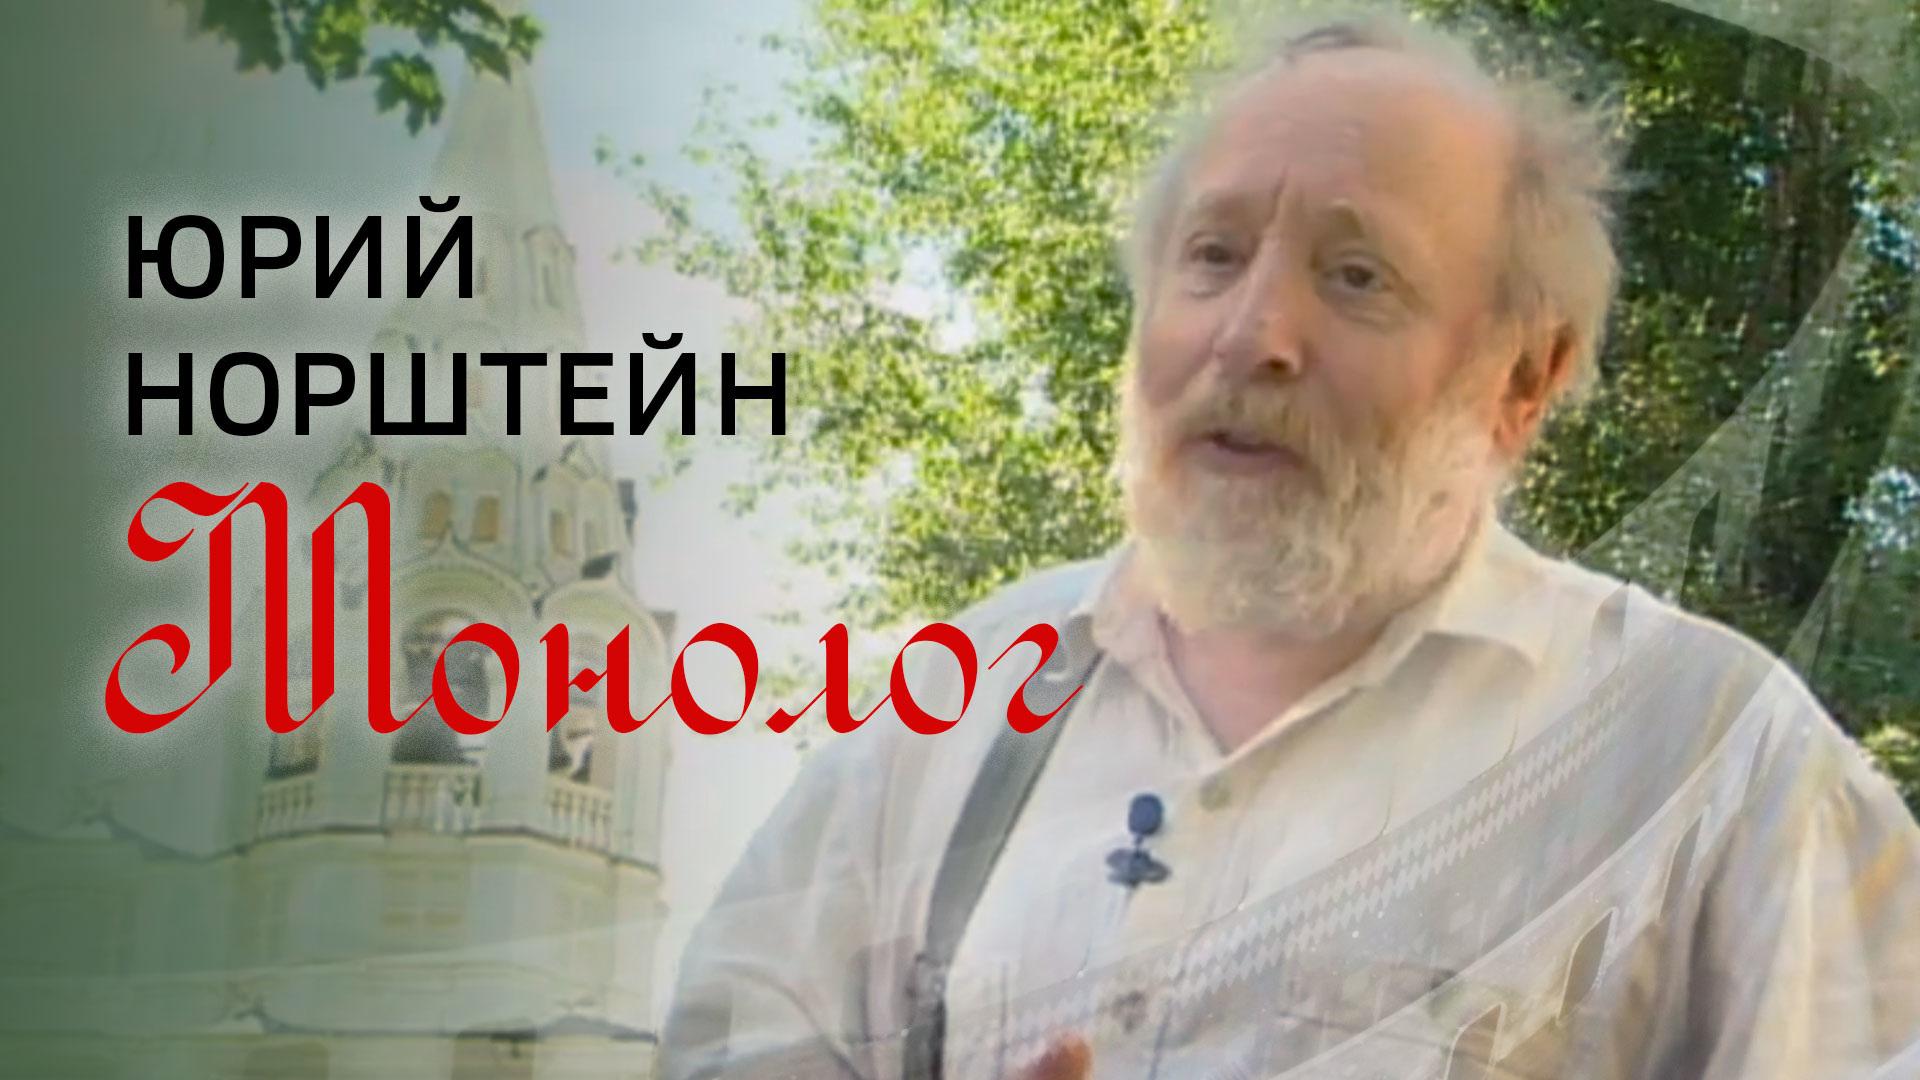 Юрий Норштейн. Монолог